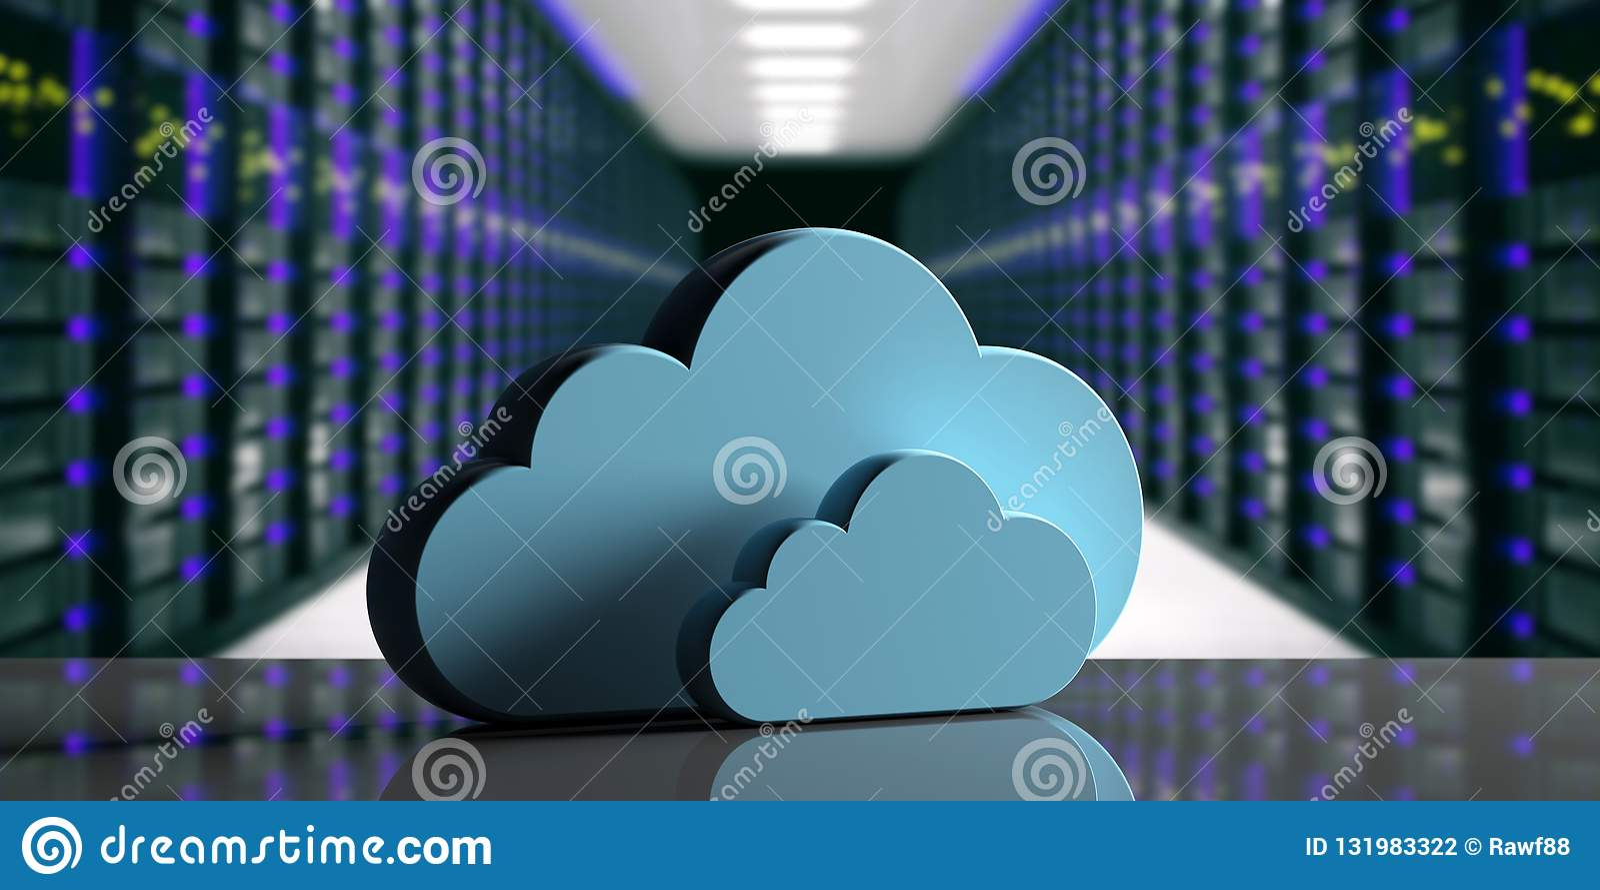 Centro de dados de computação da nuvem Nuvem do armazenamento no fundo do centro de dados do computador ilustração 3D